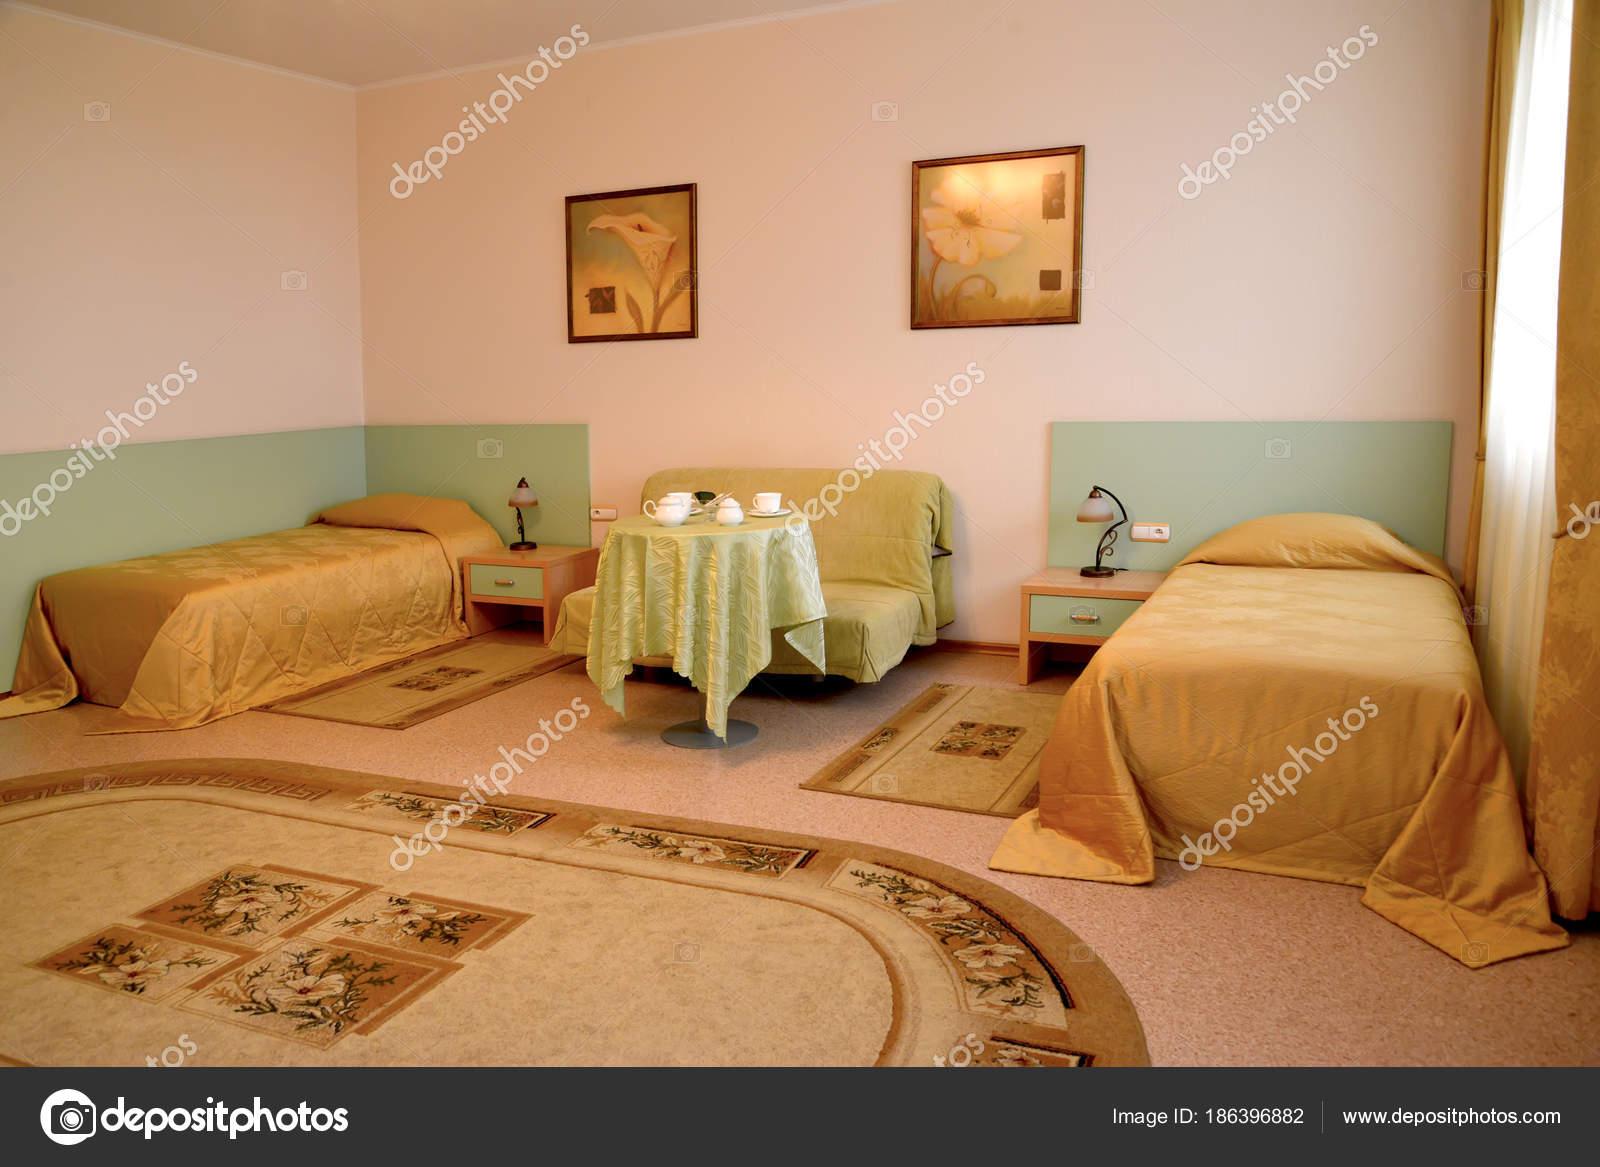 Ein Schlafzimmer Interieur Mit Zwei Betten Und Ein Sofa In Warmen